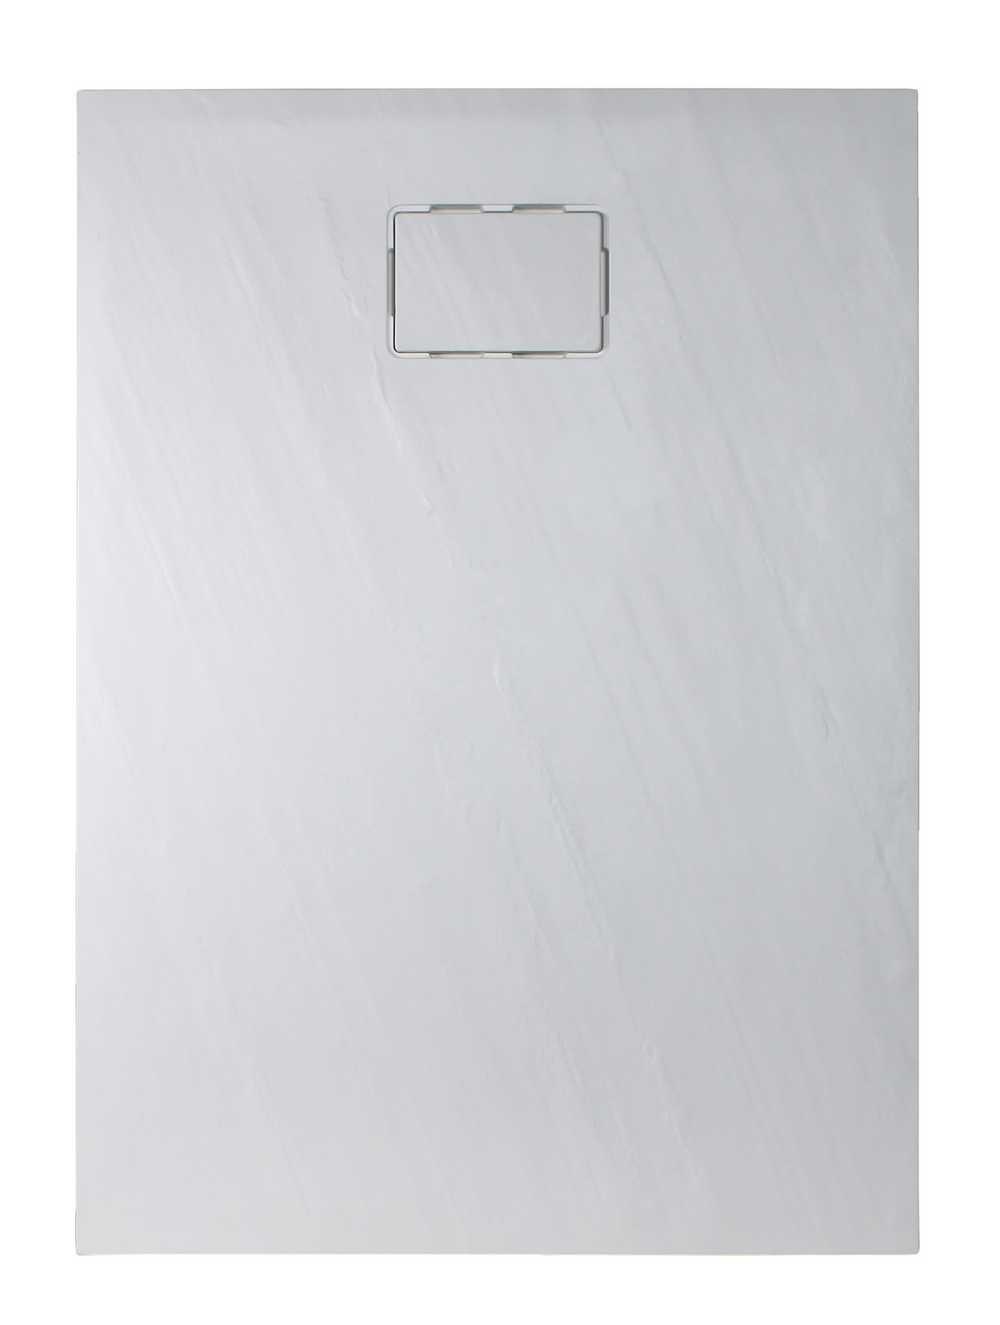 ROCKSTONE RECHTHOEKIG Wit -  120 x 90 x 3,5 cm